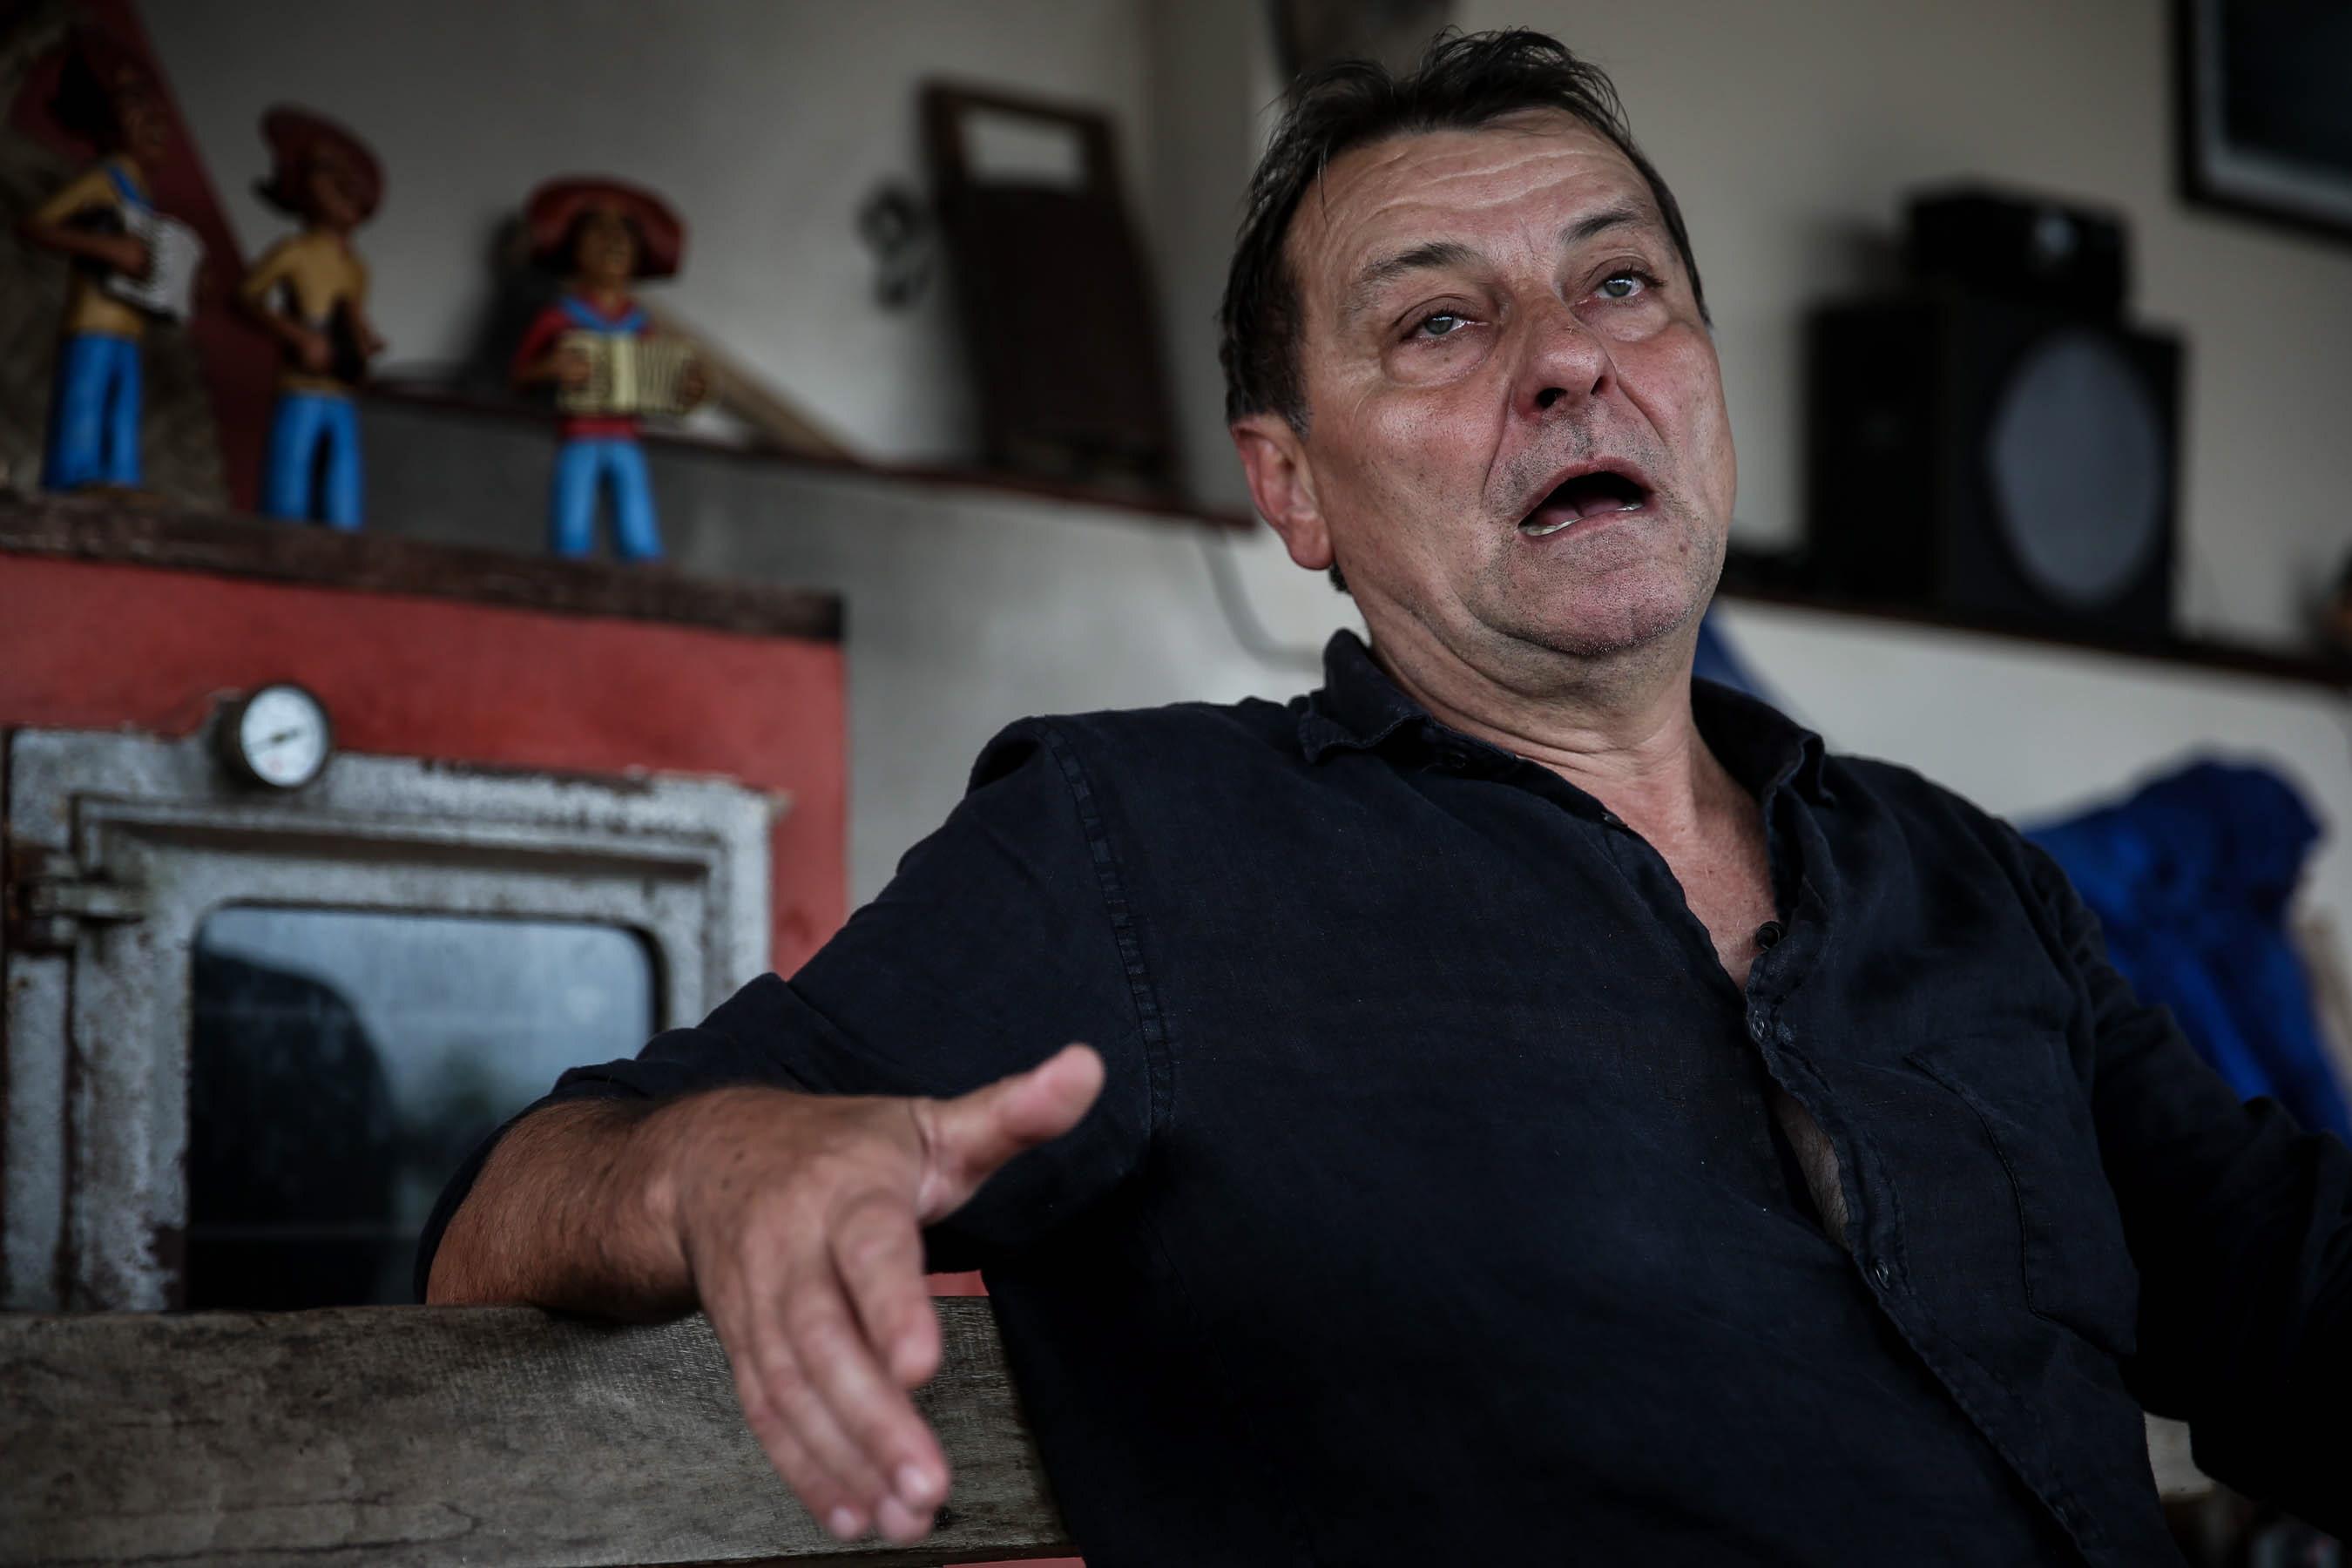 Talijanski ljevičarski terorist uhićen u Boliviji